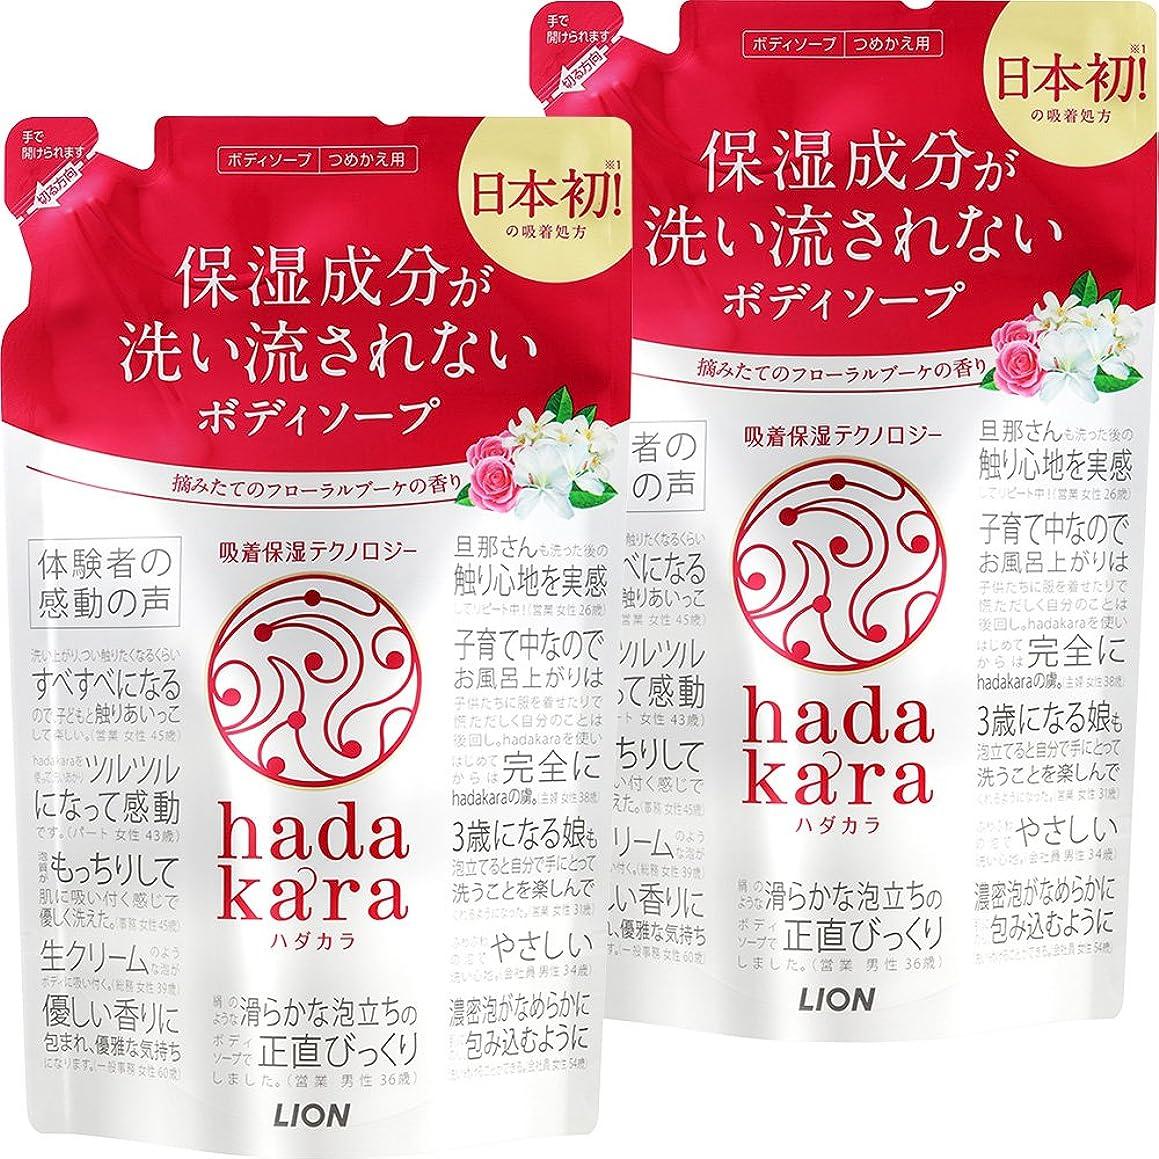 列挙するどんなときもサーバ【まとめ買い】hadakara(ハダカラ) ボディソープ フローラルブーケの香り 詰め替え 360ml×2個パック